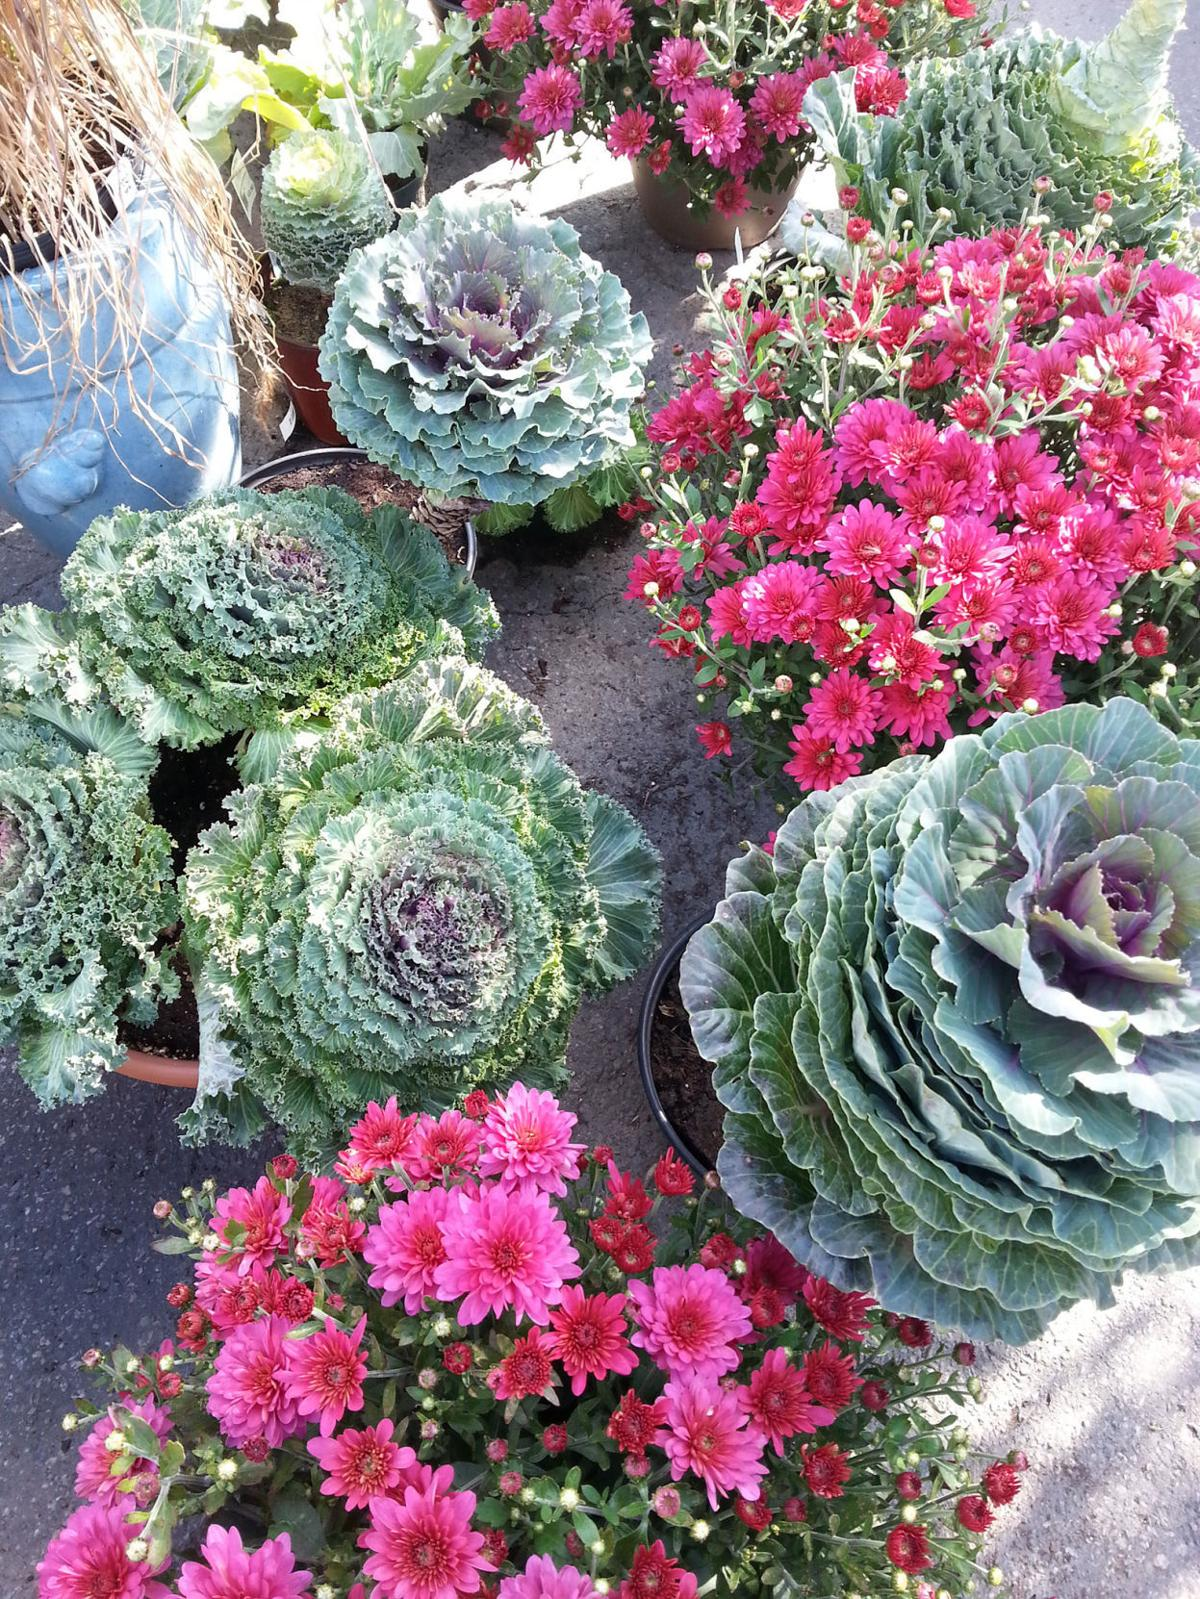 Ornamental flowering kales